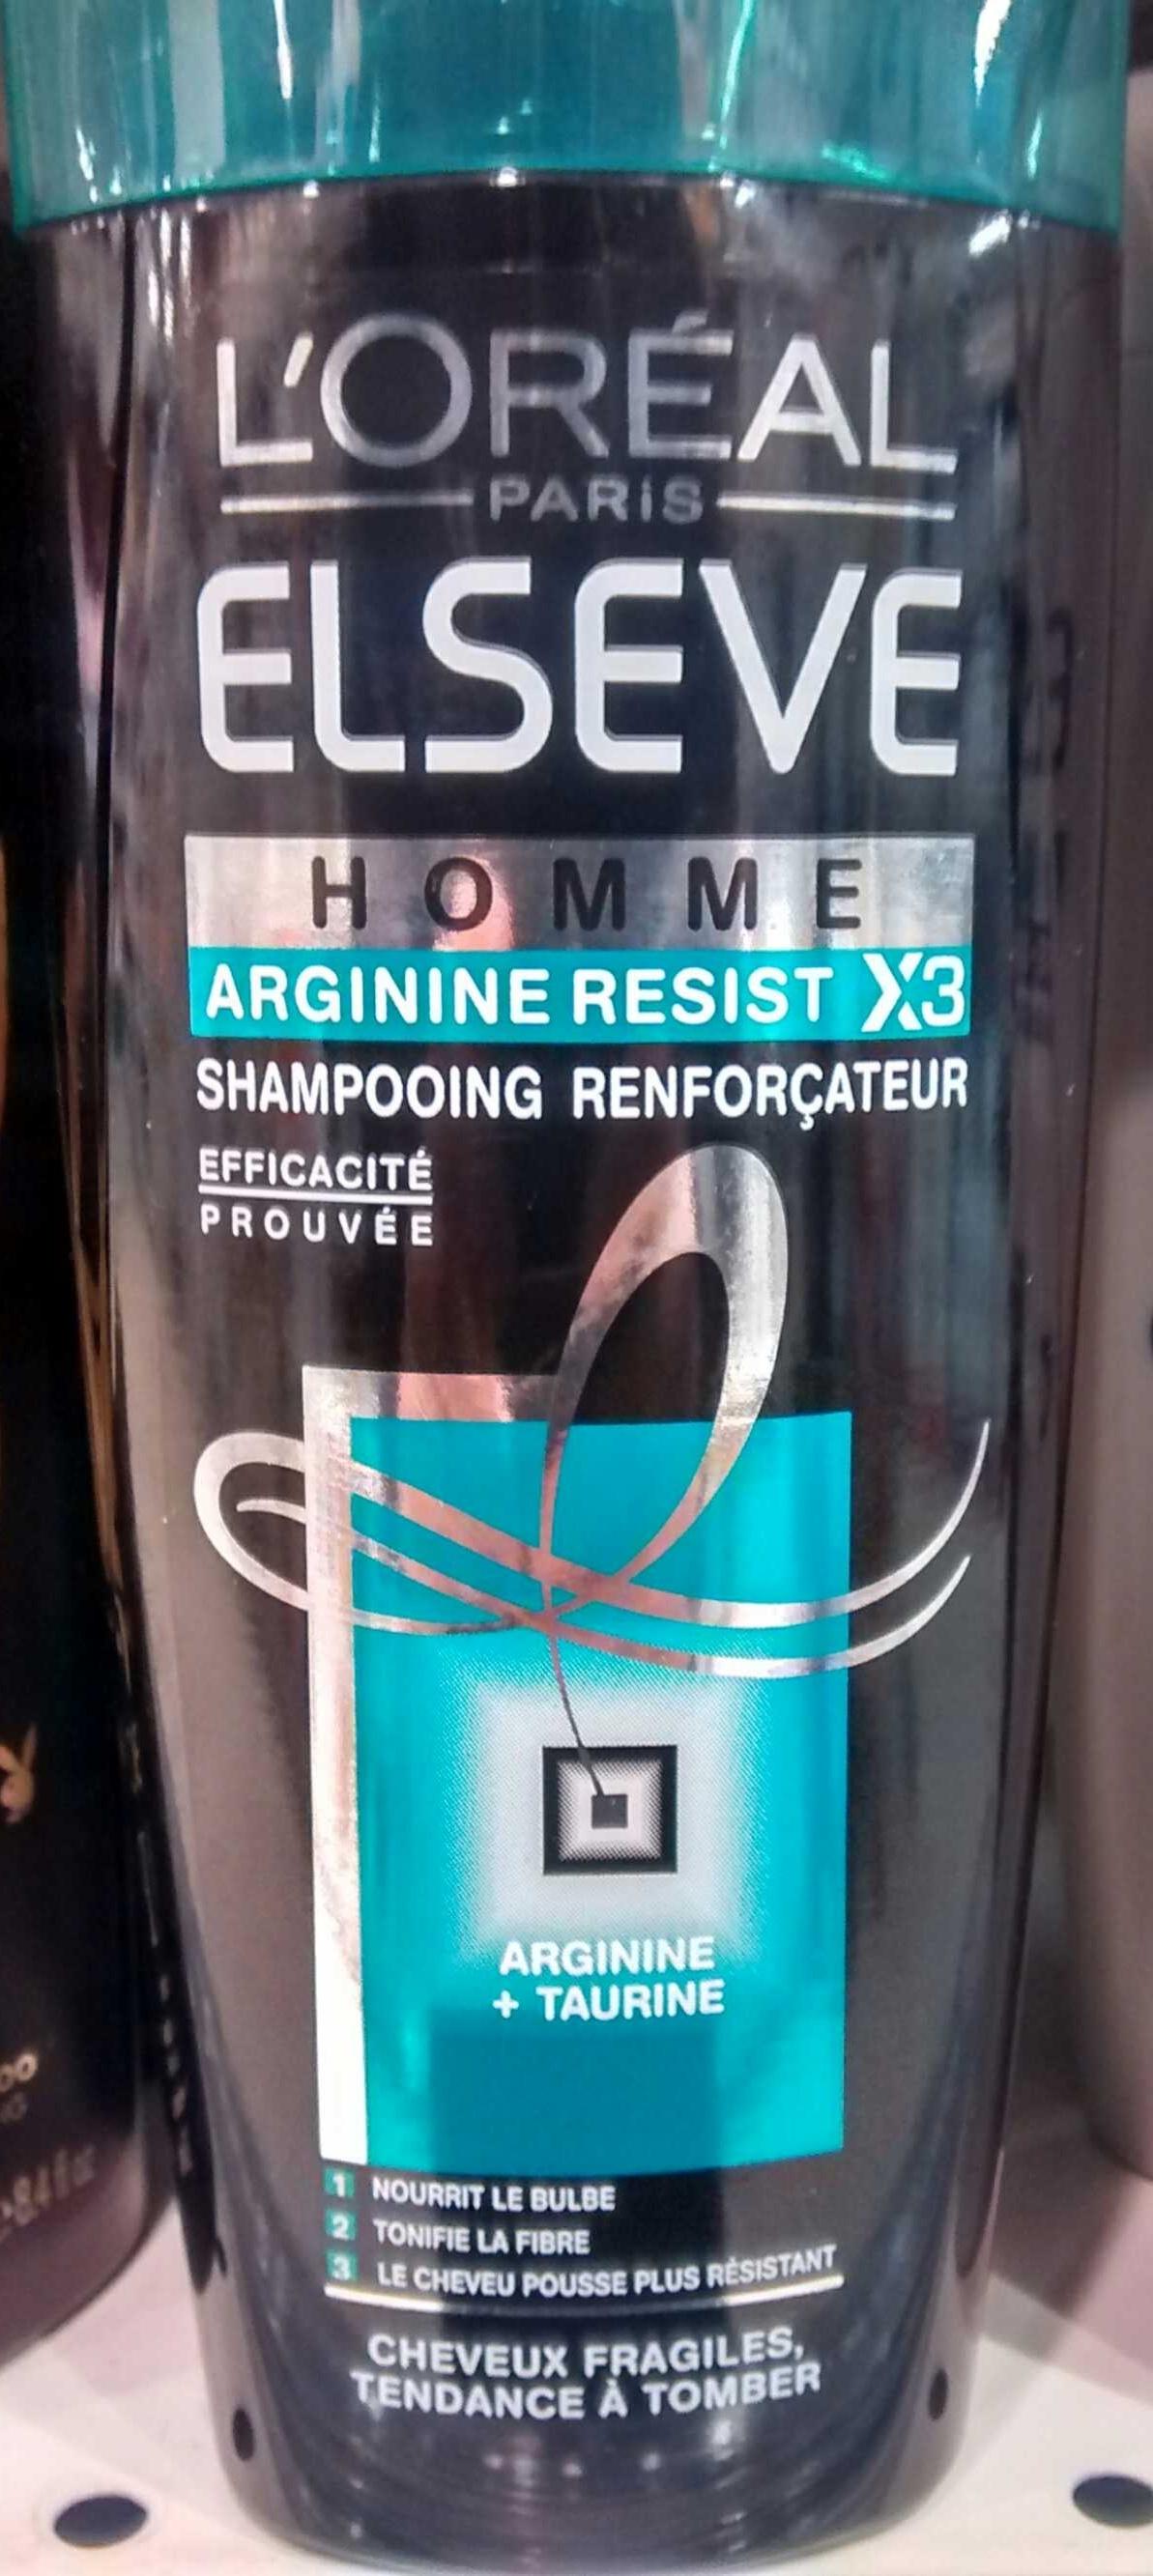 Arginine resist X3 shampooing renforçateur - Produit - fr